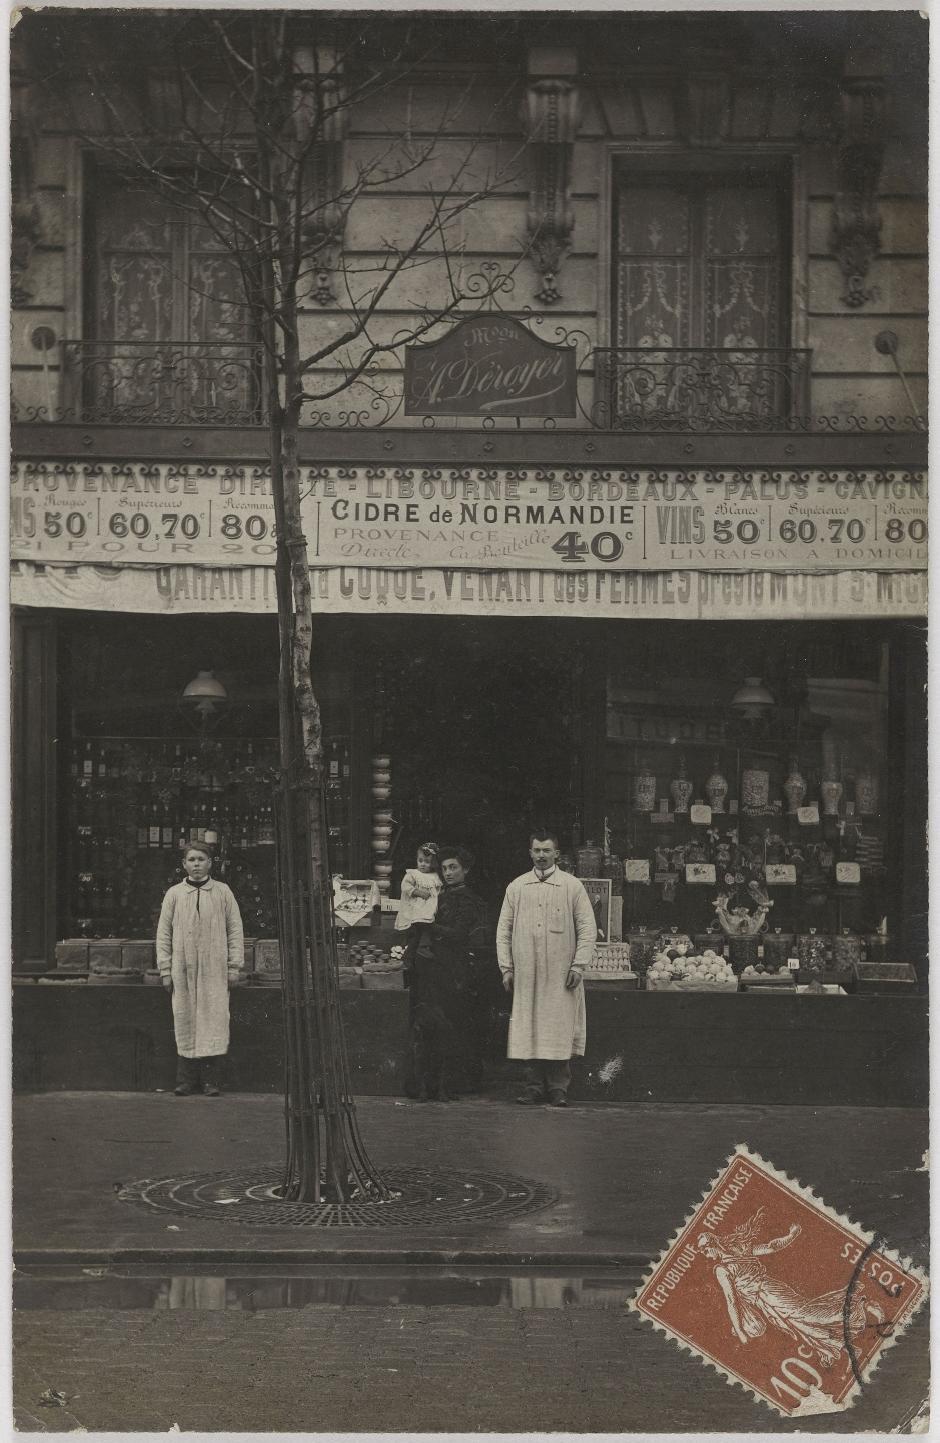 1907. Продукты и алкоголь. Дом А.Деро, 25, rue Faidherbe (12-й округ). Сейчас на этом месте магазин одежды